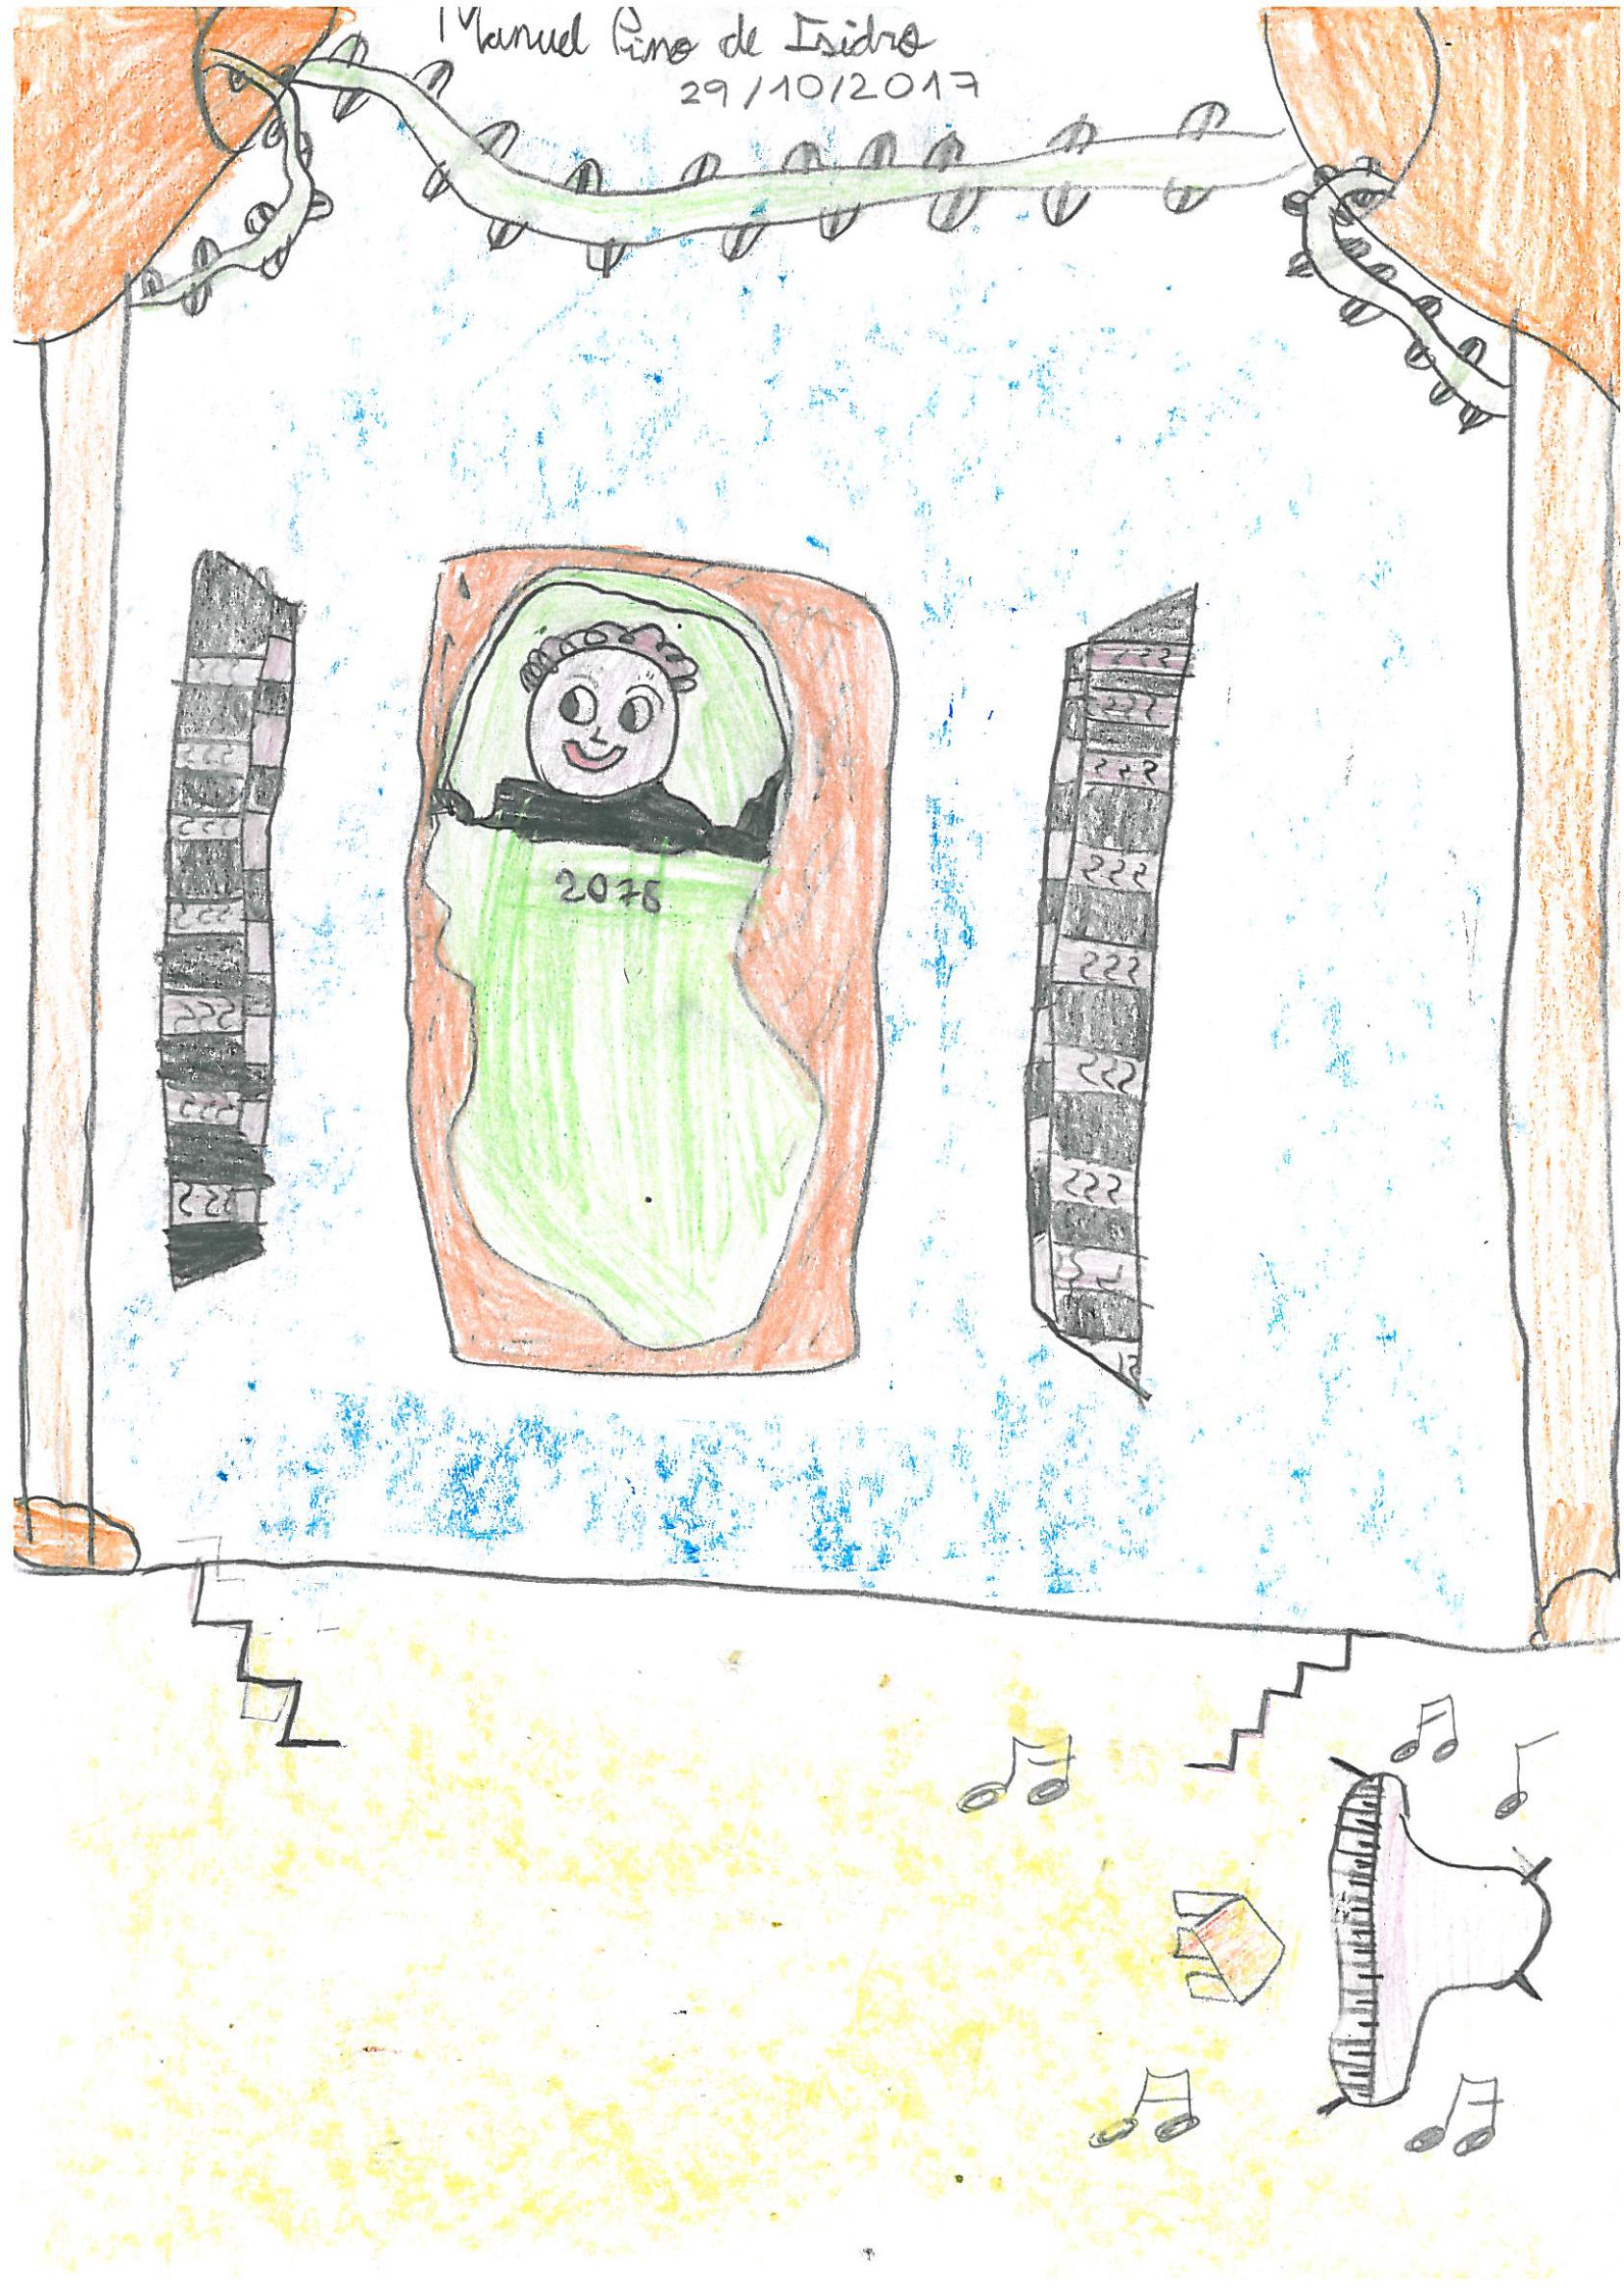 Imagen de la actividad La noche mágica dibujada por los más pequeños : exposición